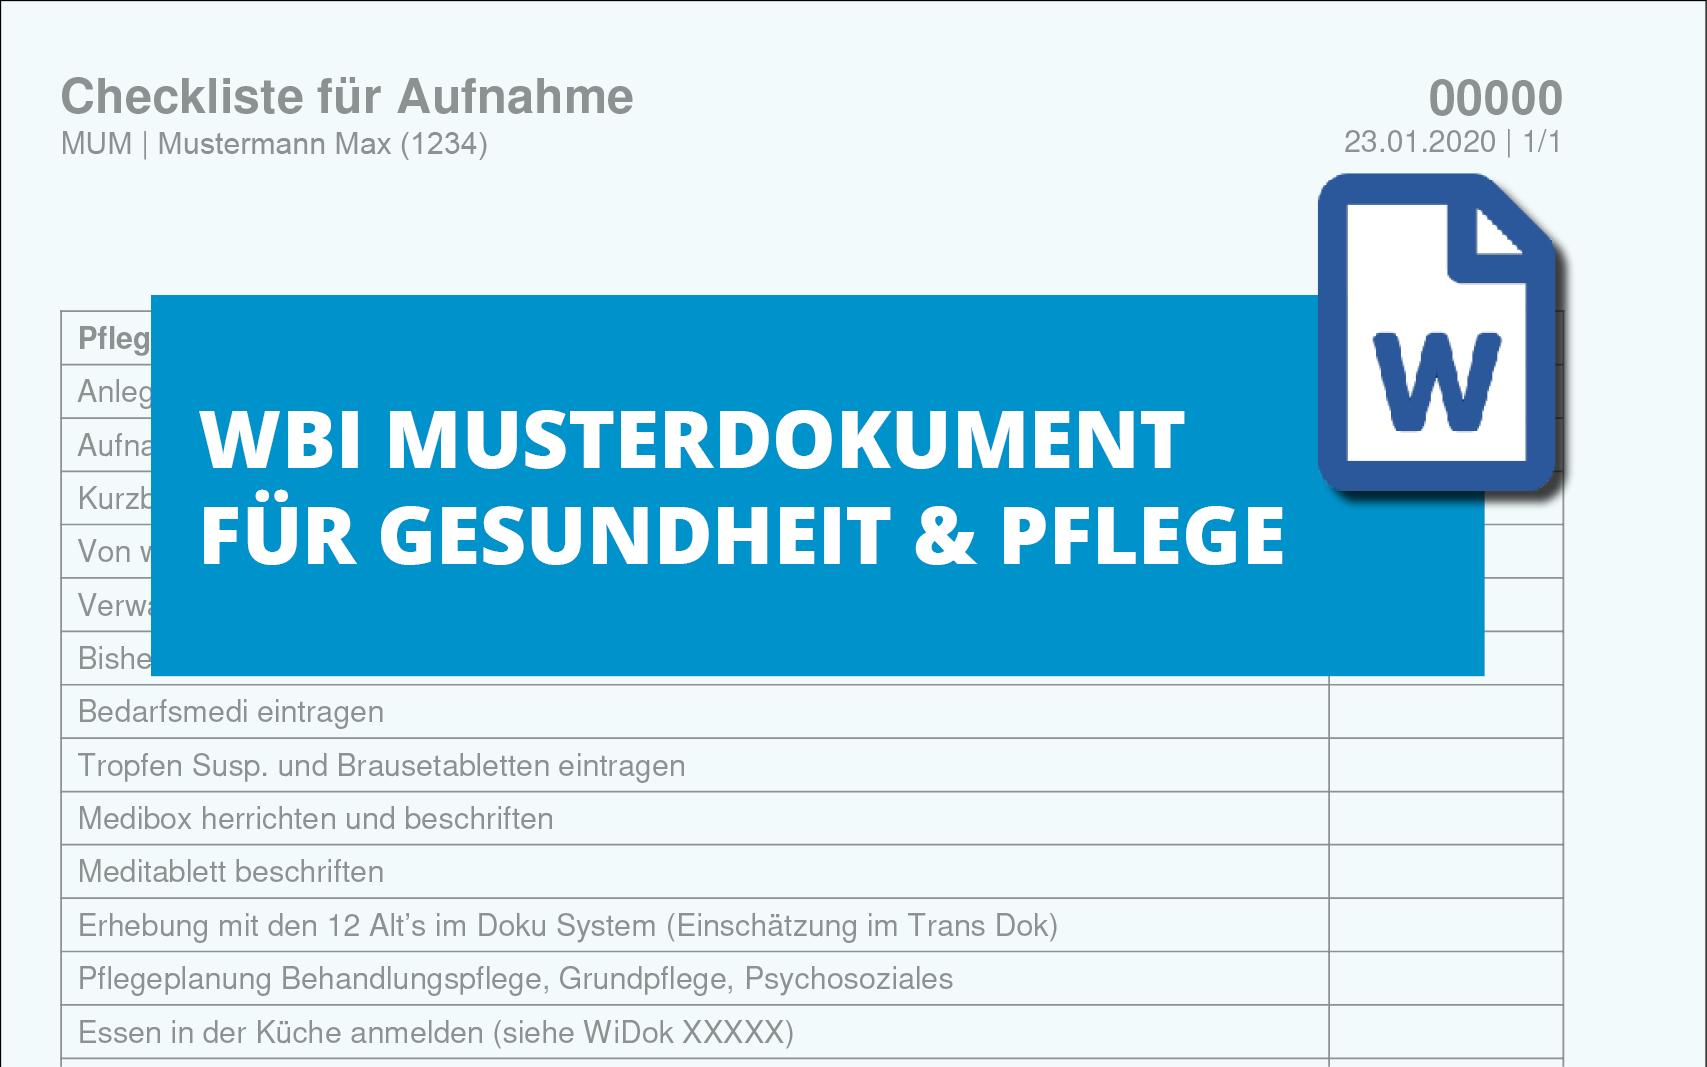 checkliste-fuer-aufnahme